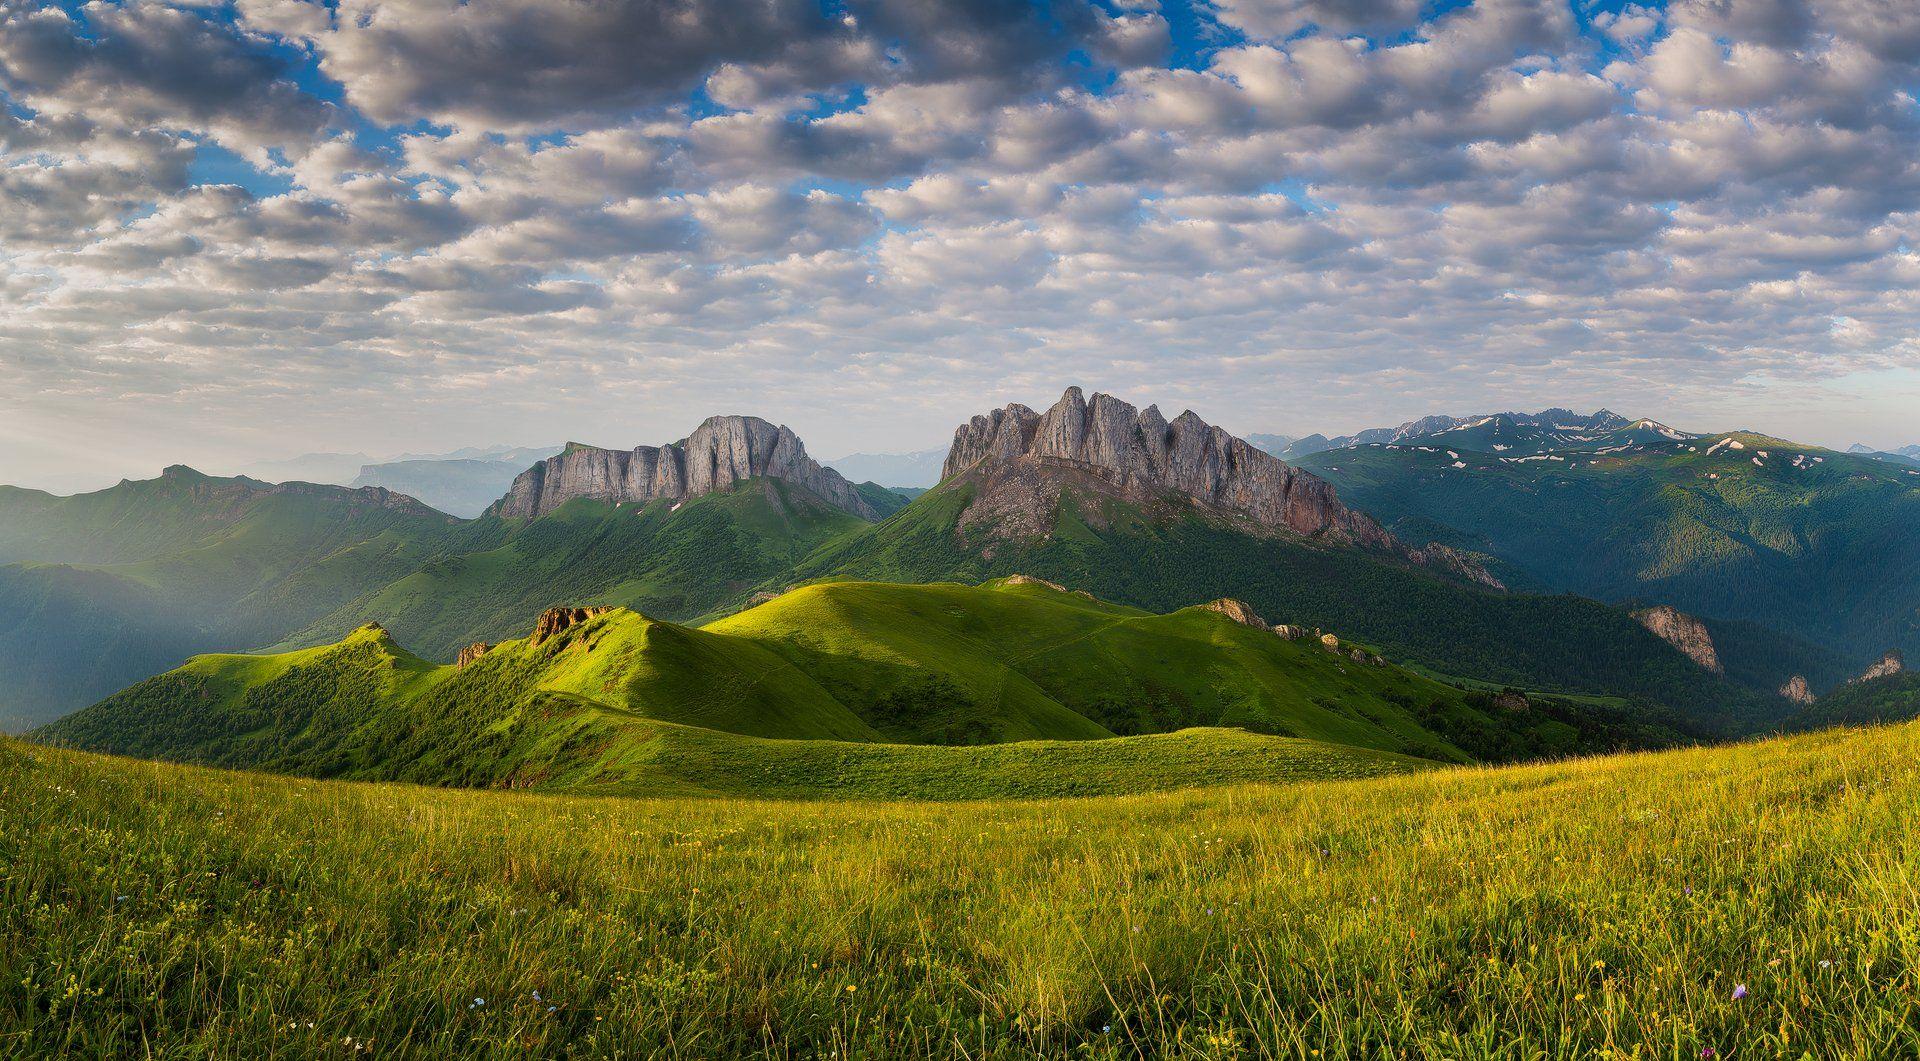 горы, Кавказ, Россия, Адыгея, Большой Тхач, Ачешбок, Дмитрий Монастырский